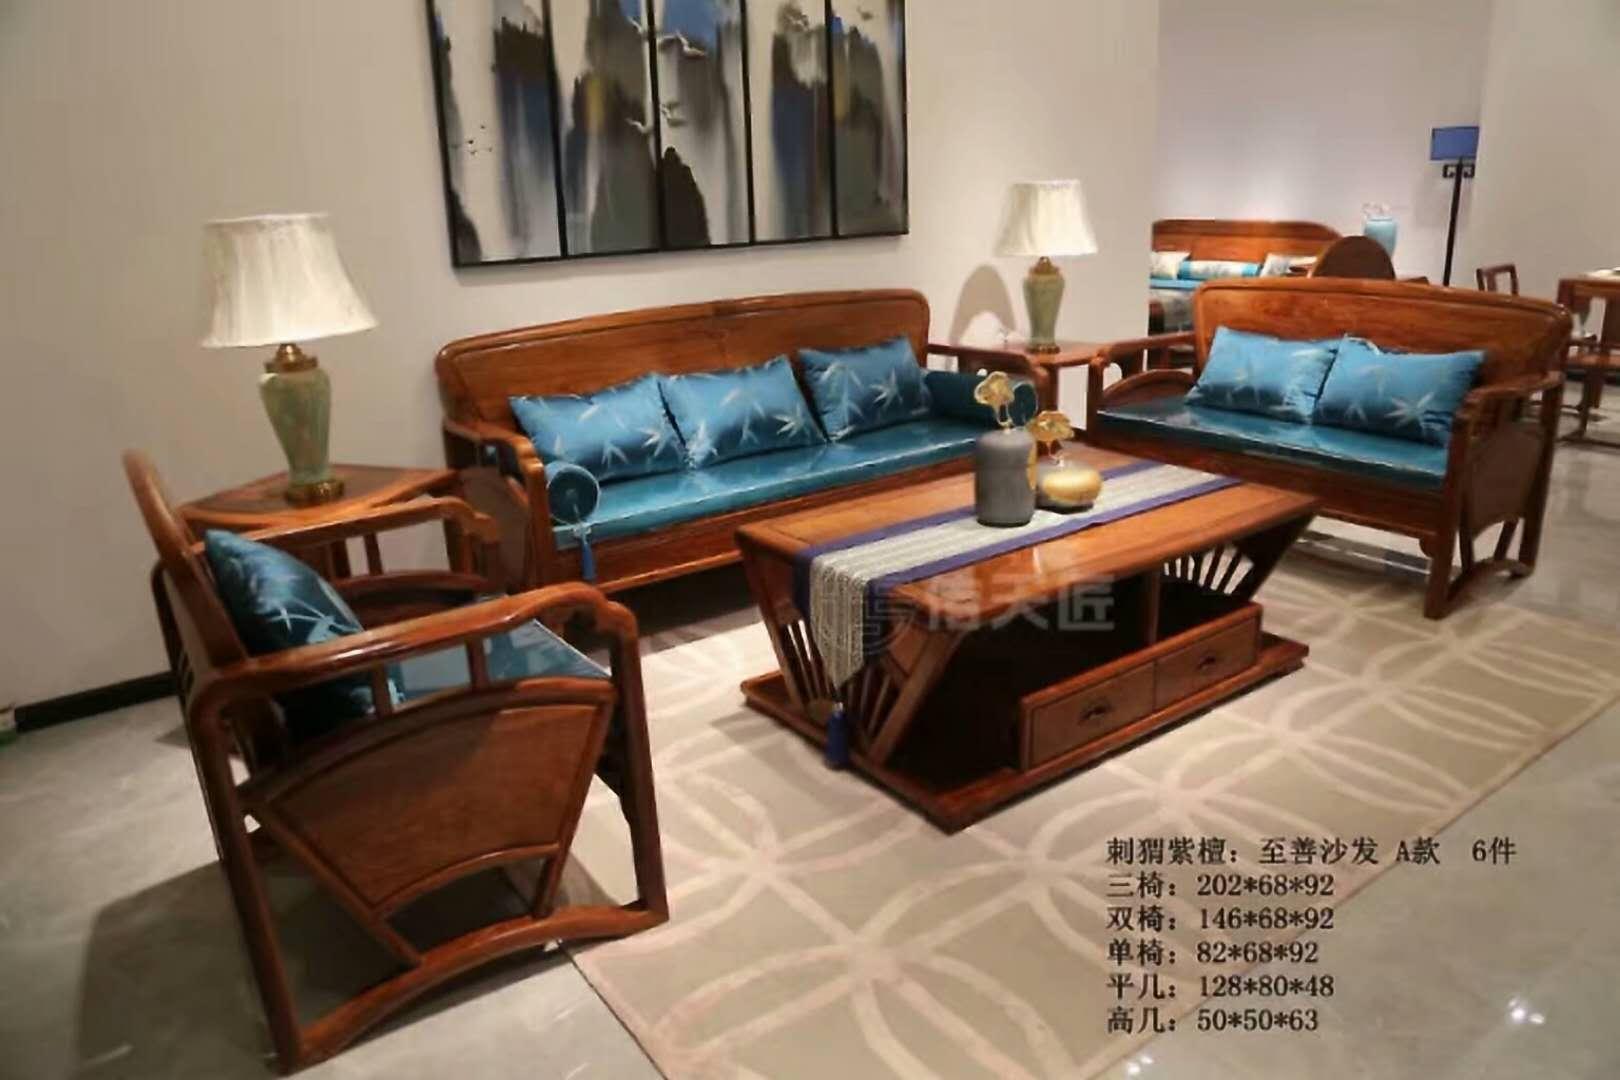 懷化傳天匠至善紅木家具-東莞價位合理的傳天匠至善紅木家具供銷